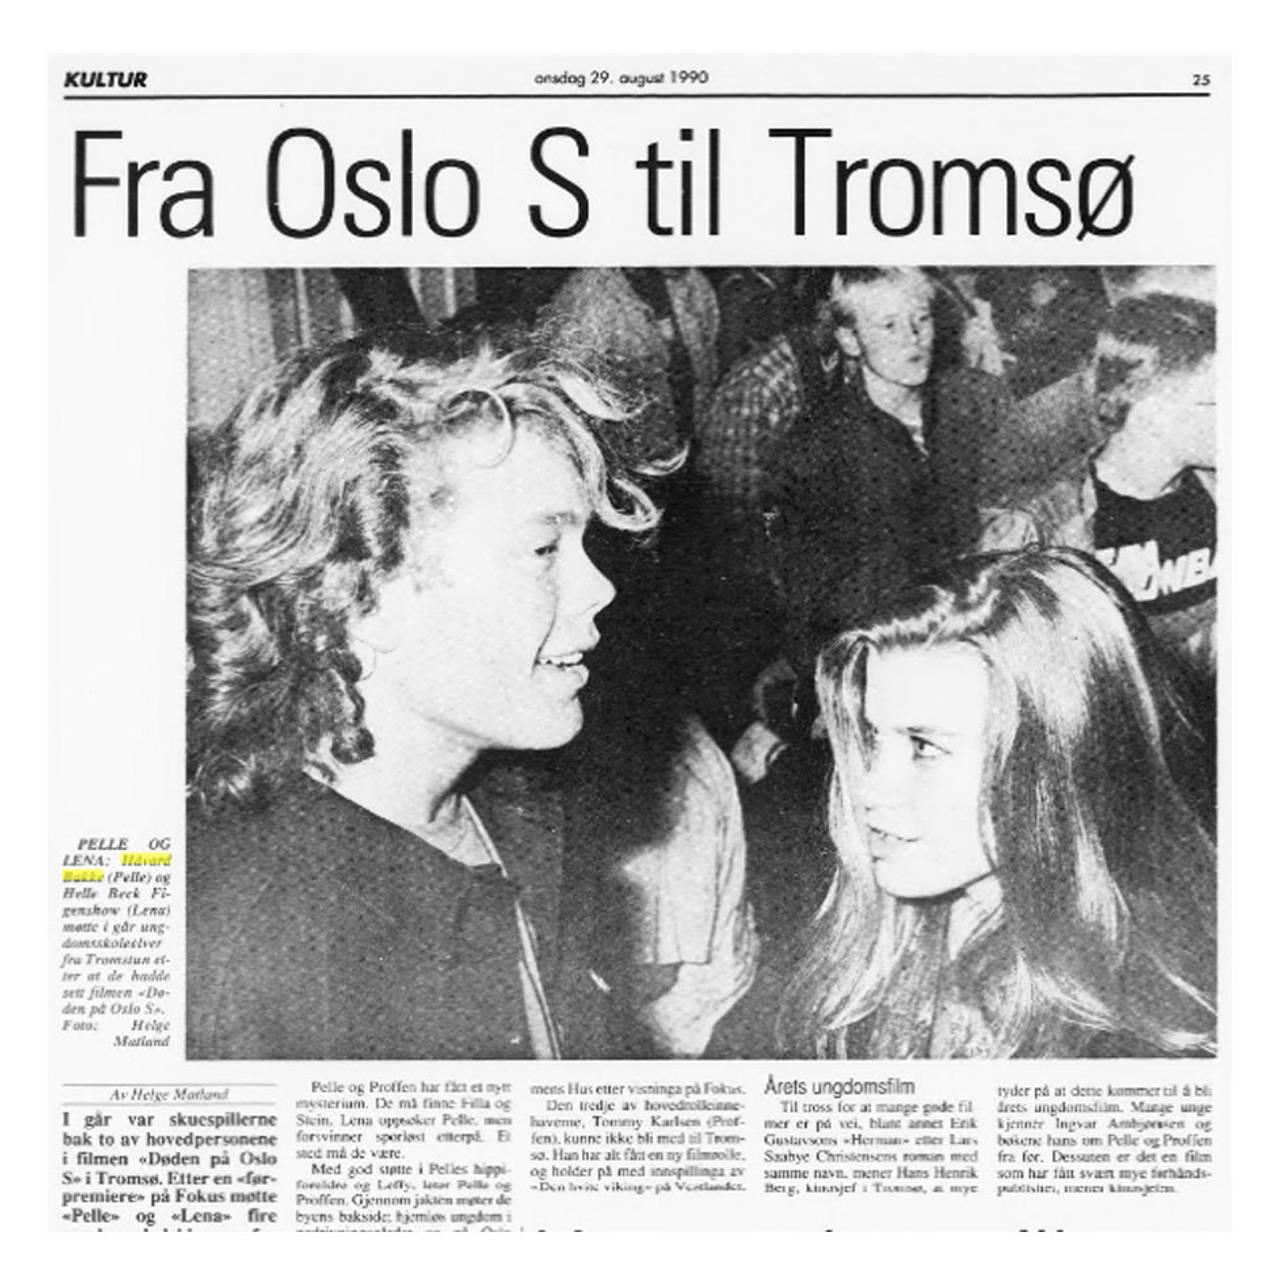 DØDEN PÅ OSLO S: Big i Tromsø.